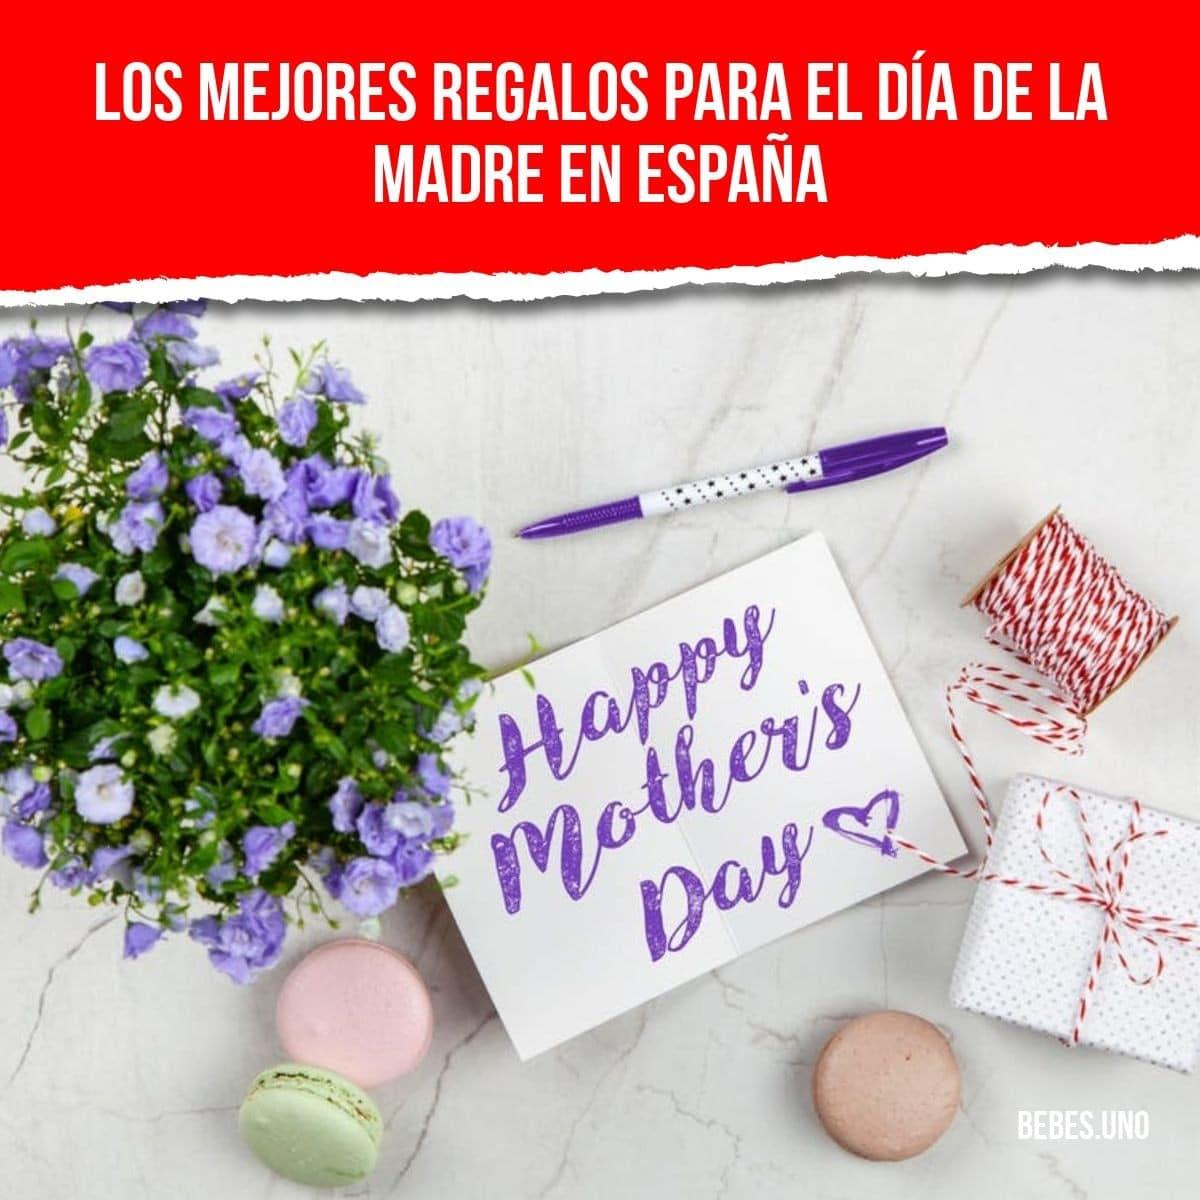 Los mejores regalos para el Día de la Madre en España